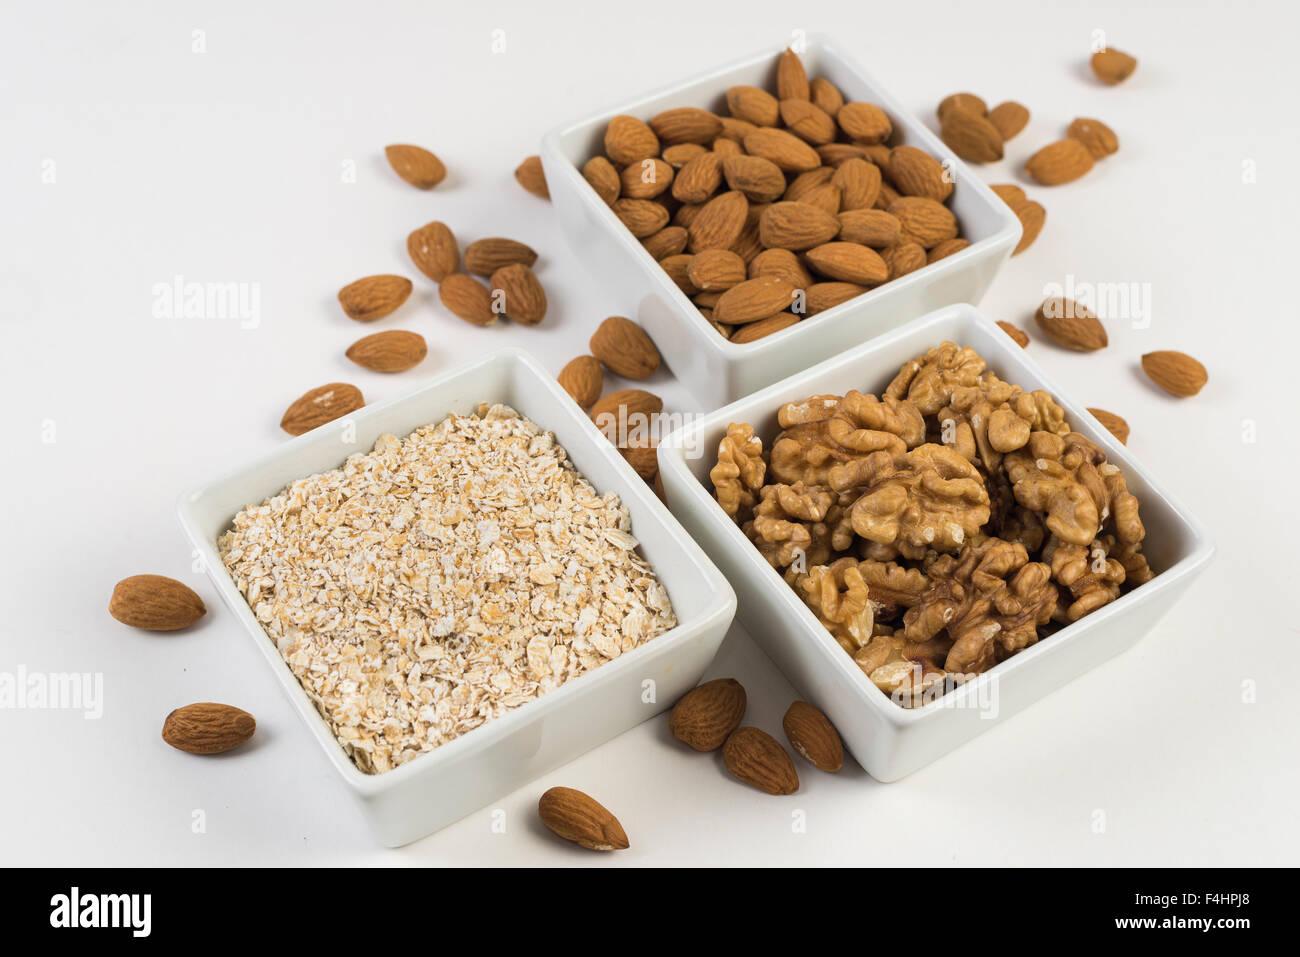 Las almendras, las nueces, la avena. frutos secos, buena salud y alimentacion. Buena comida Imagen De Stock